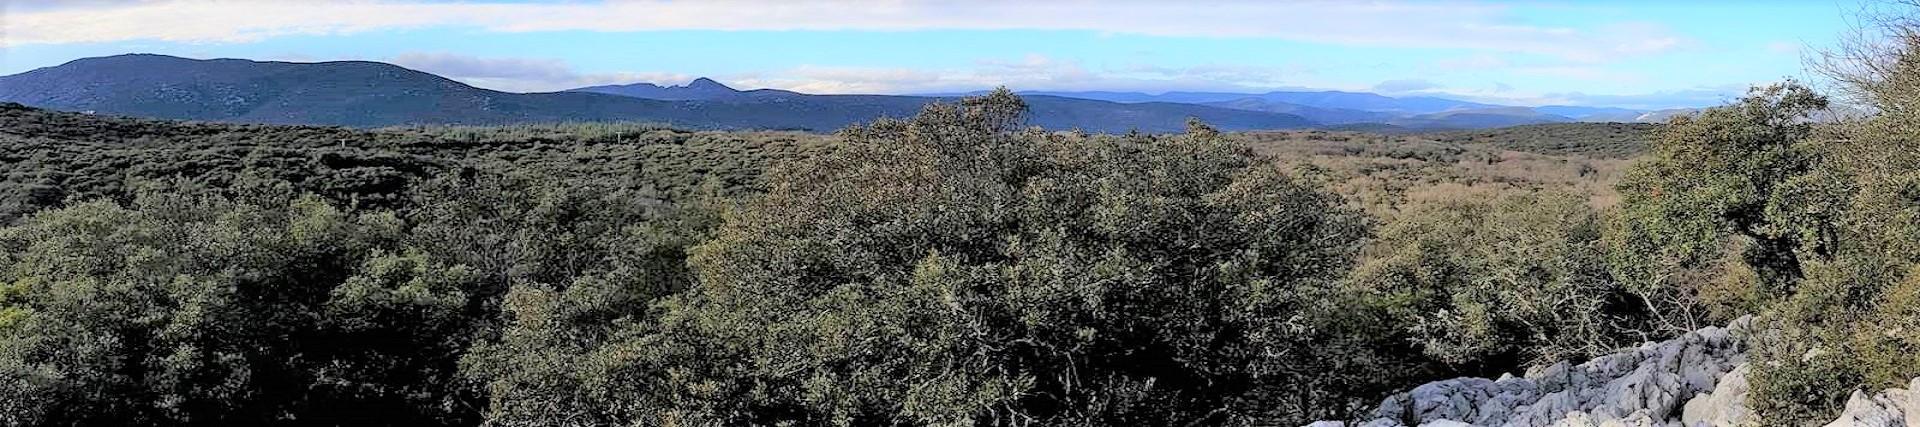 domaine-du-mas-de-coulet-herault-montpellier-cevennes-vue-panoramique-seminaires-de-caractere